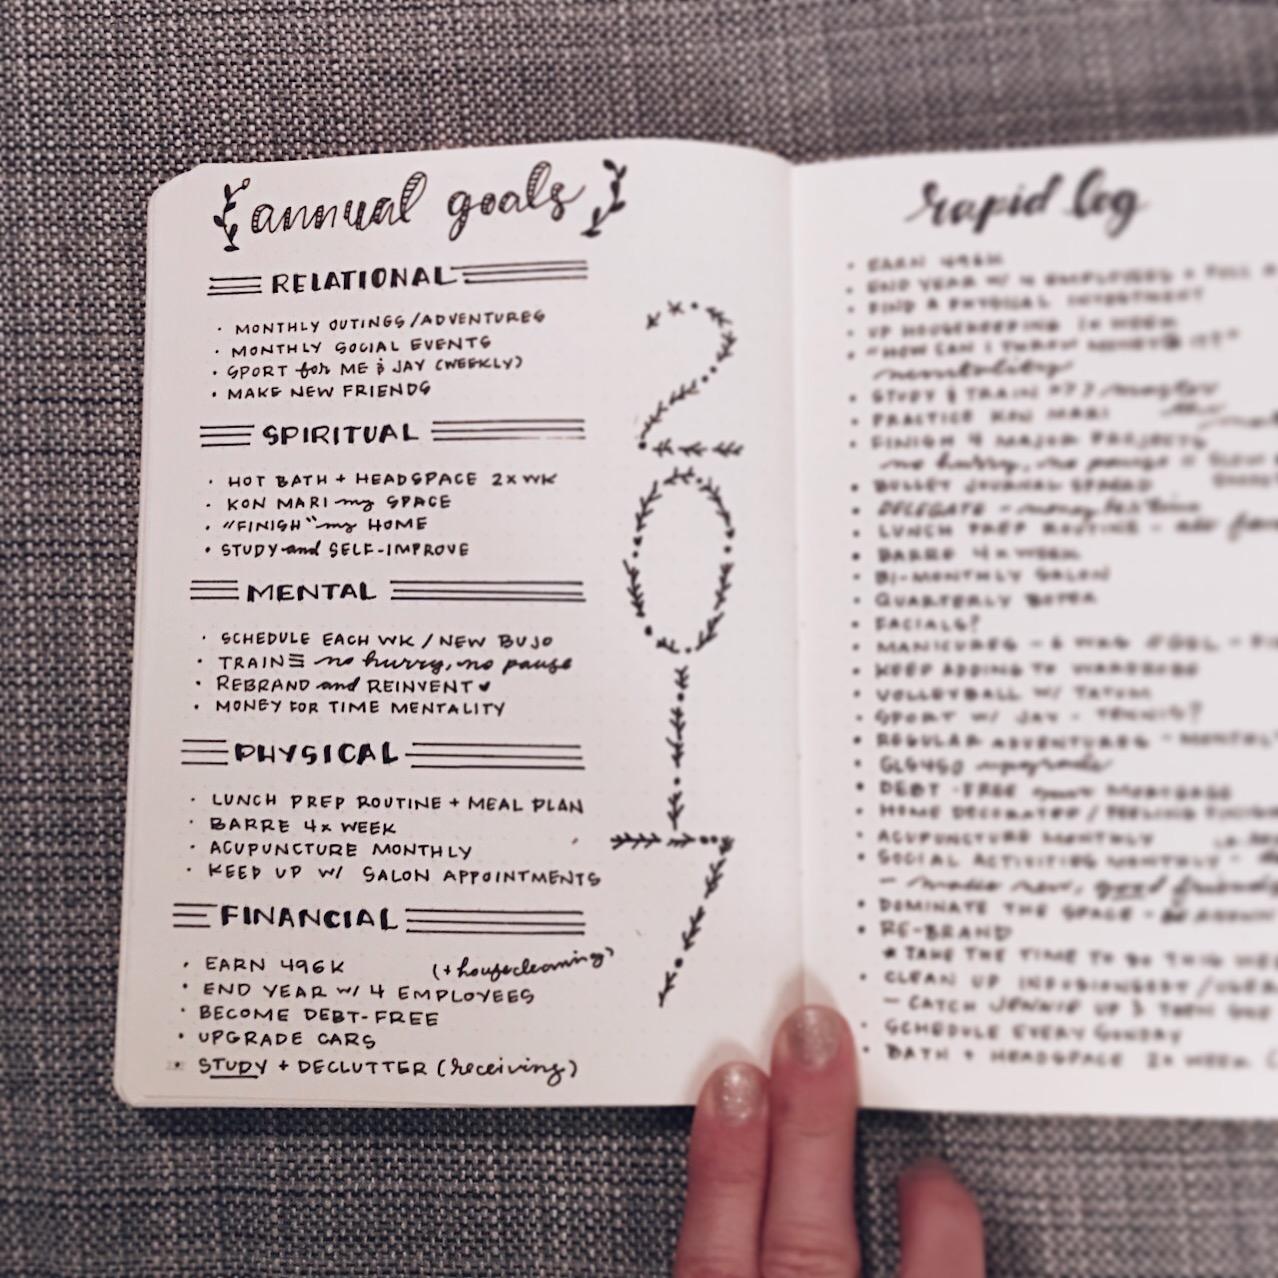 Rapid log for bullet journal